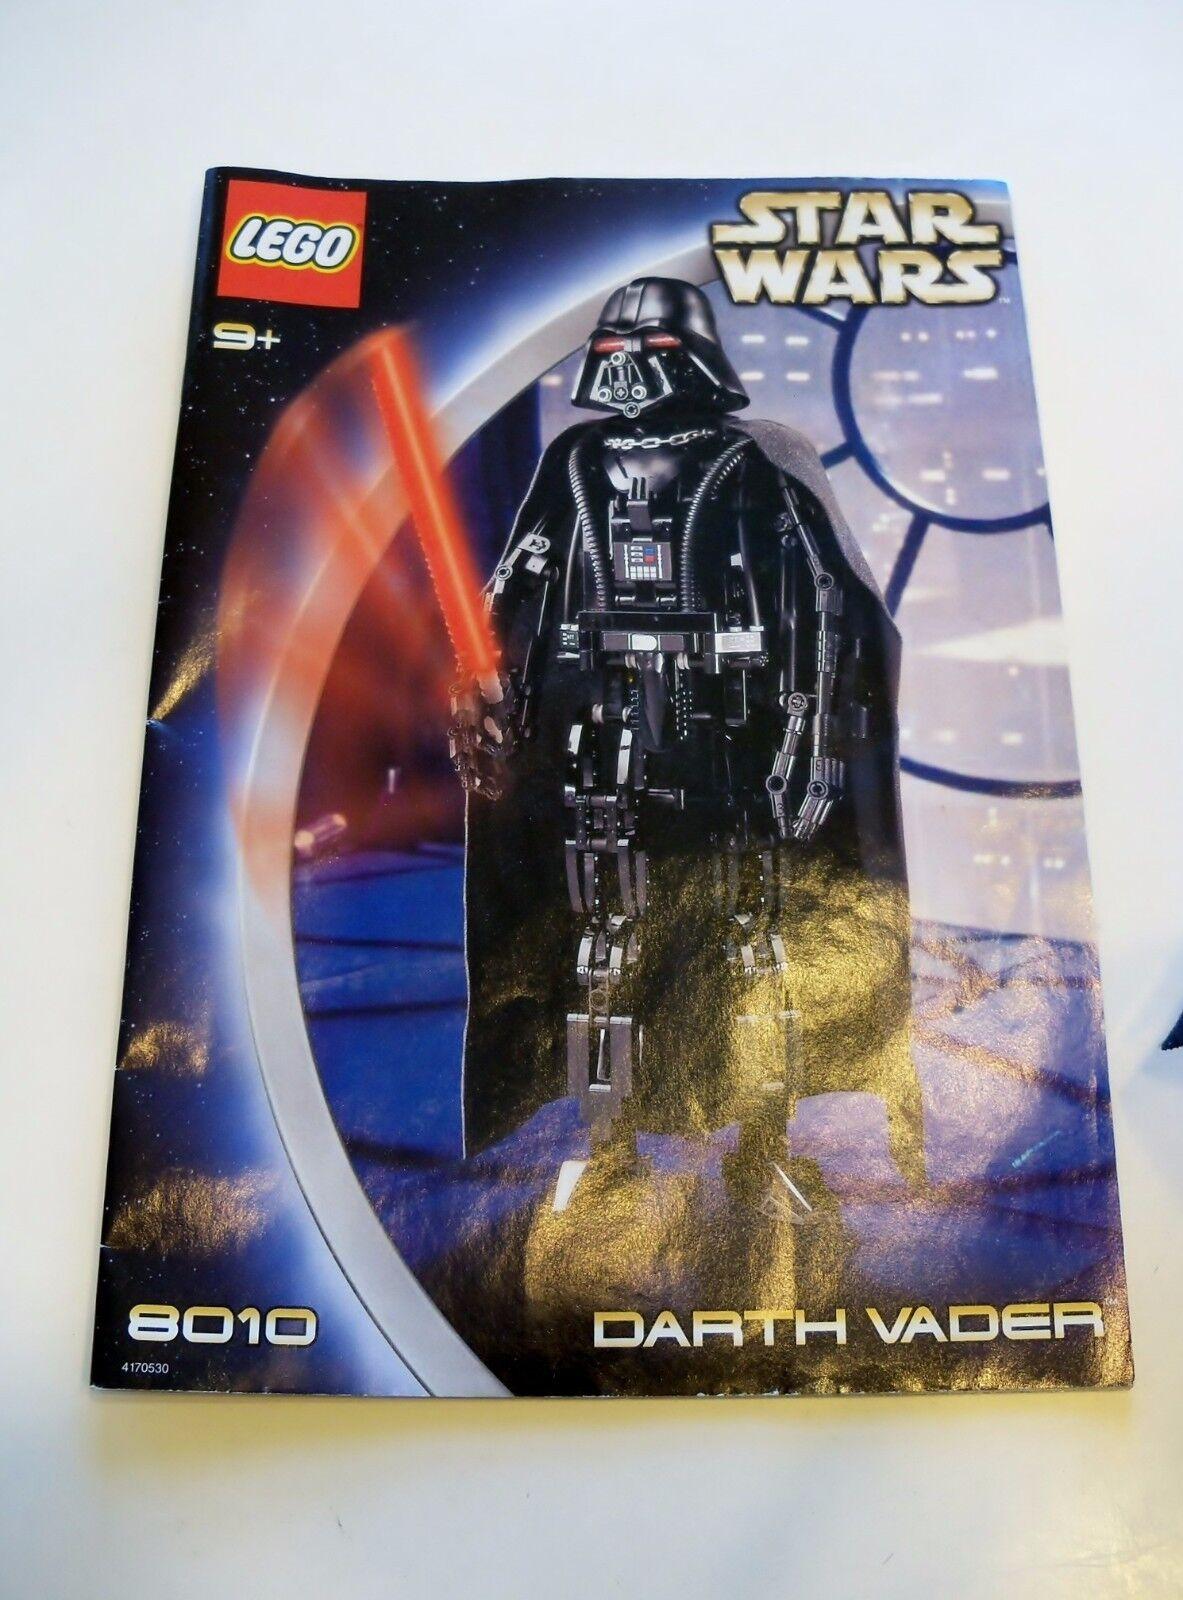 LEGO Star Wars - Super Rare Technic 8010 Darth Vader Vader Vader - Complete w  Instructions b16772